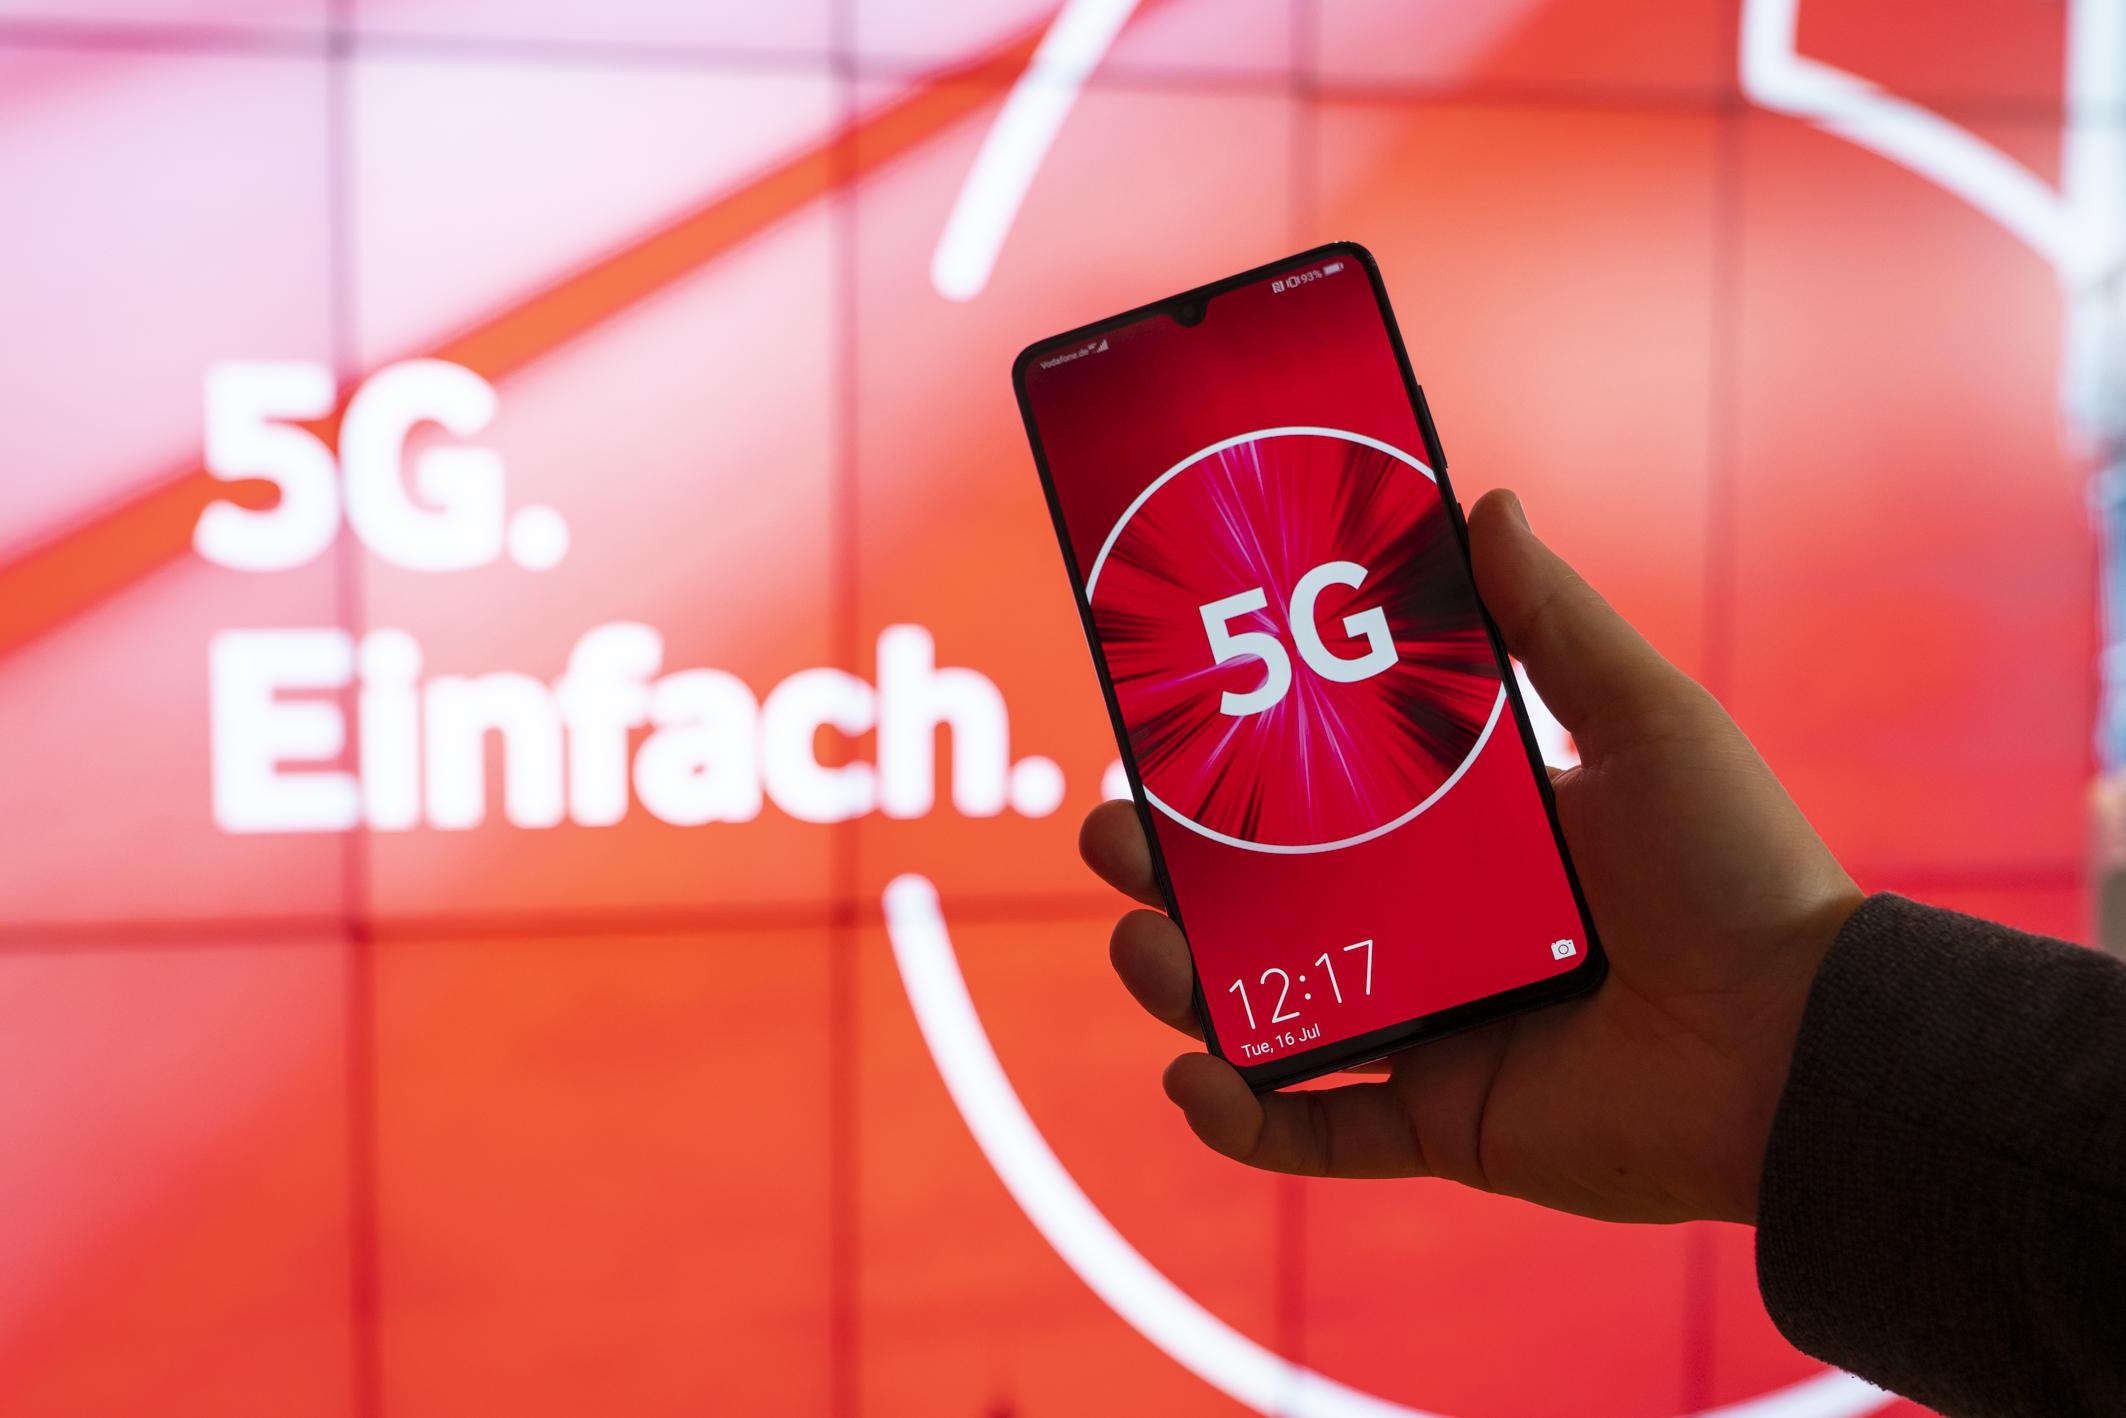 5G-Netzkarte von Vodafone zeigt, wo die Zukunft funkt